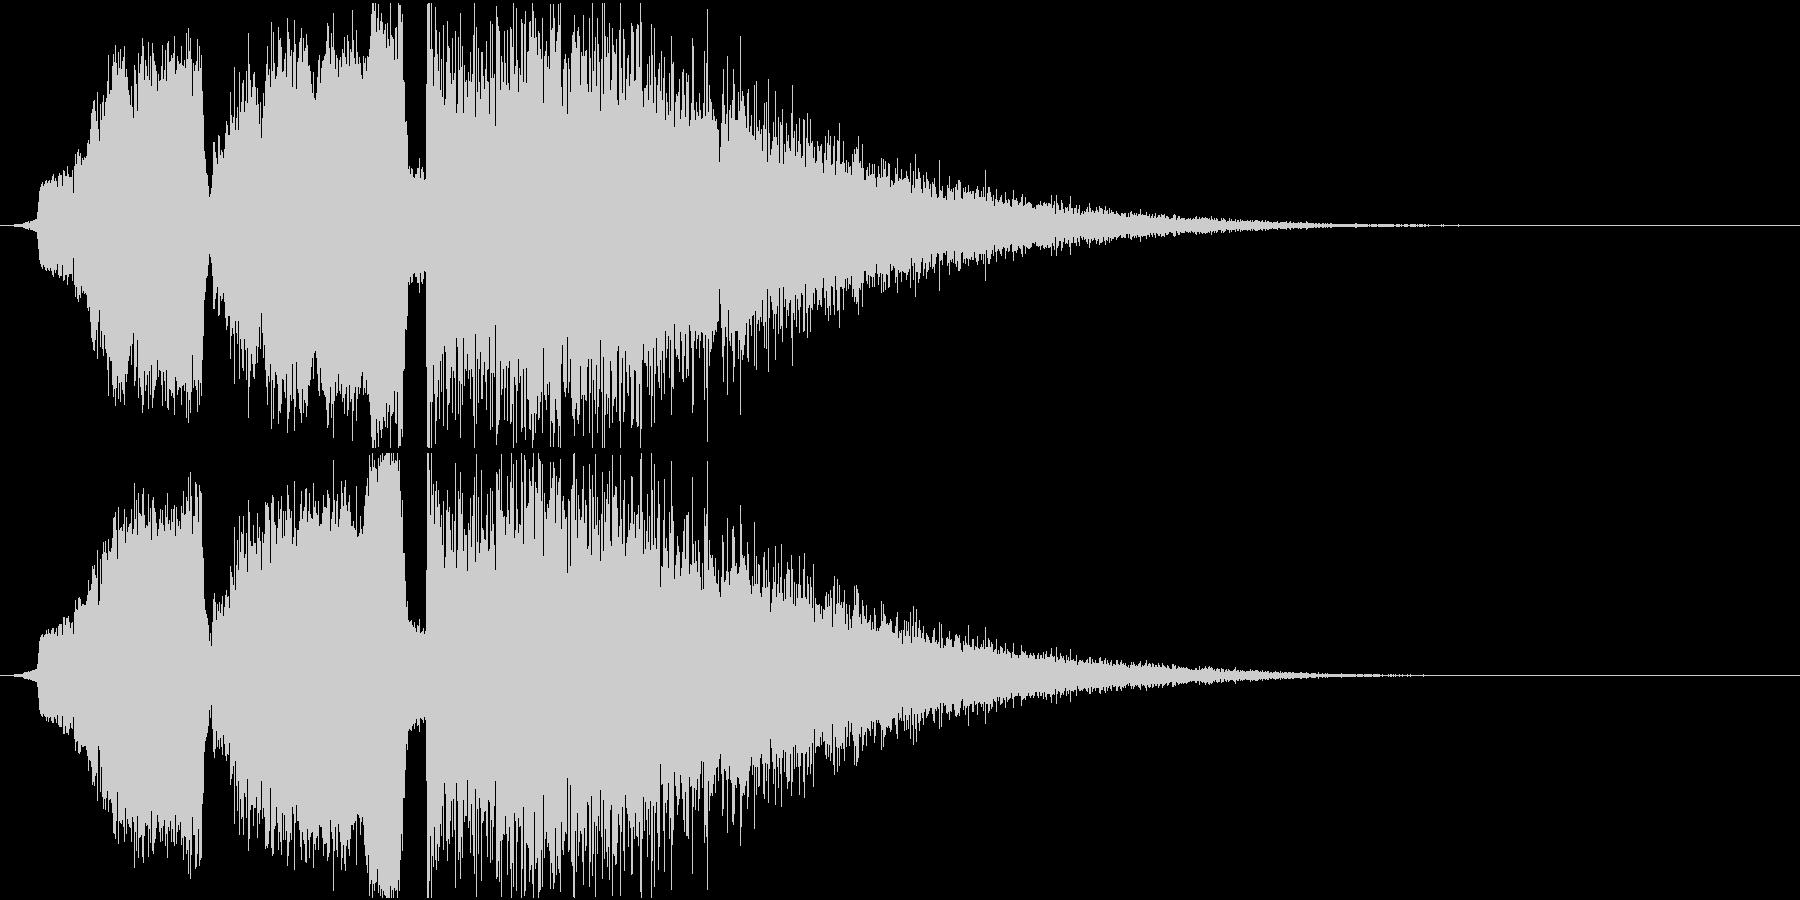 シュインシュインドワーン 衝撃音の未再生の波形